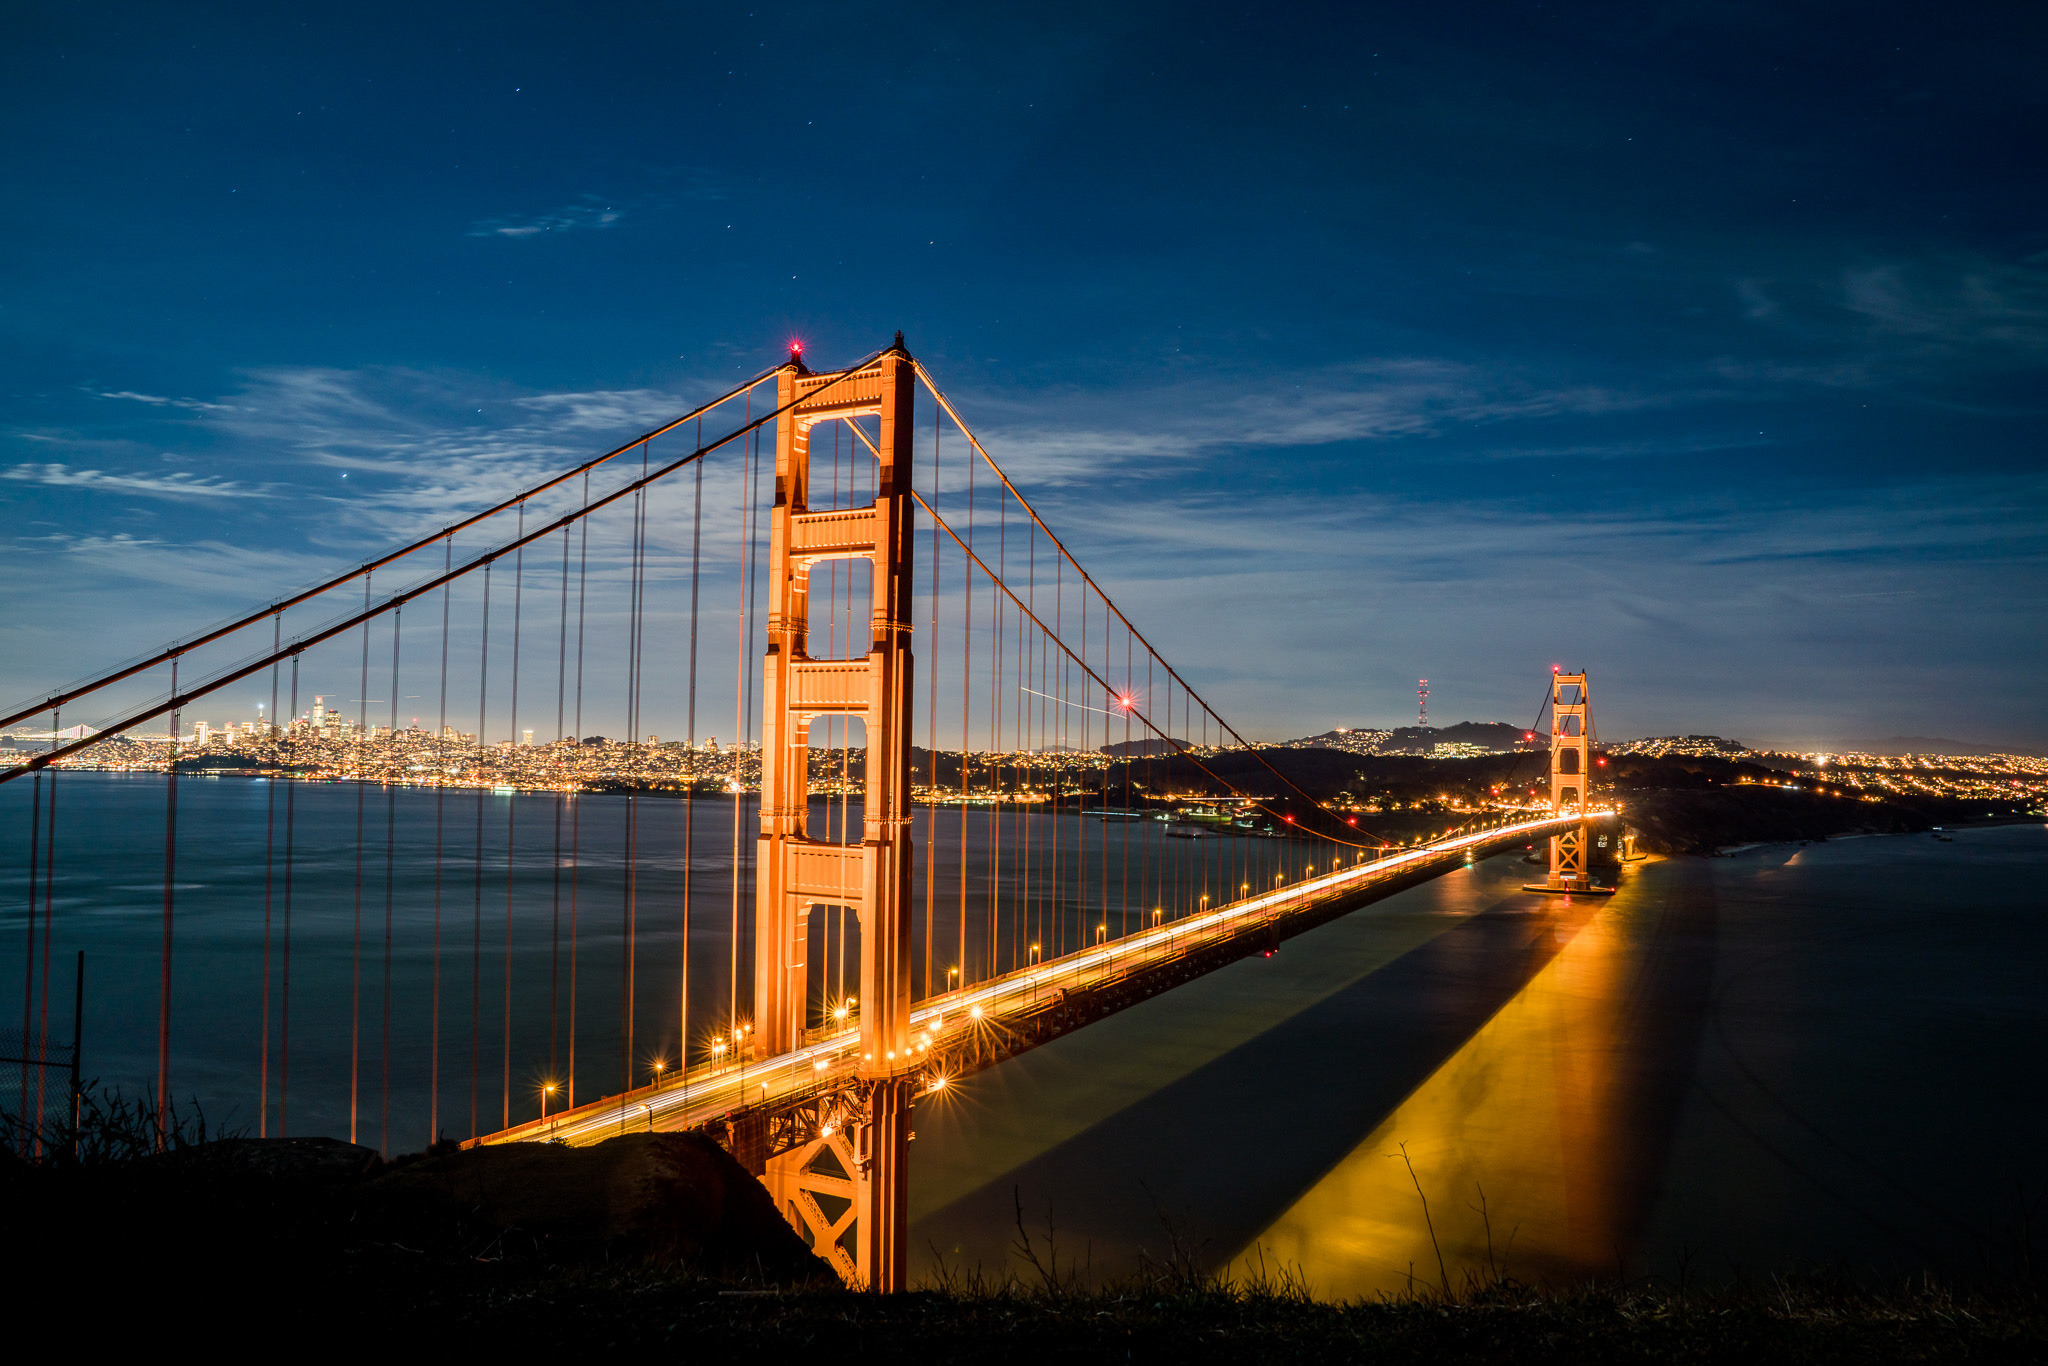 1440p Wallpaper Girls 2560x1440 Golden Gate Bridge 1440p Resolution Hd 4k